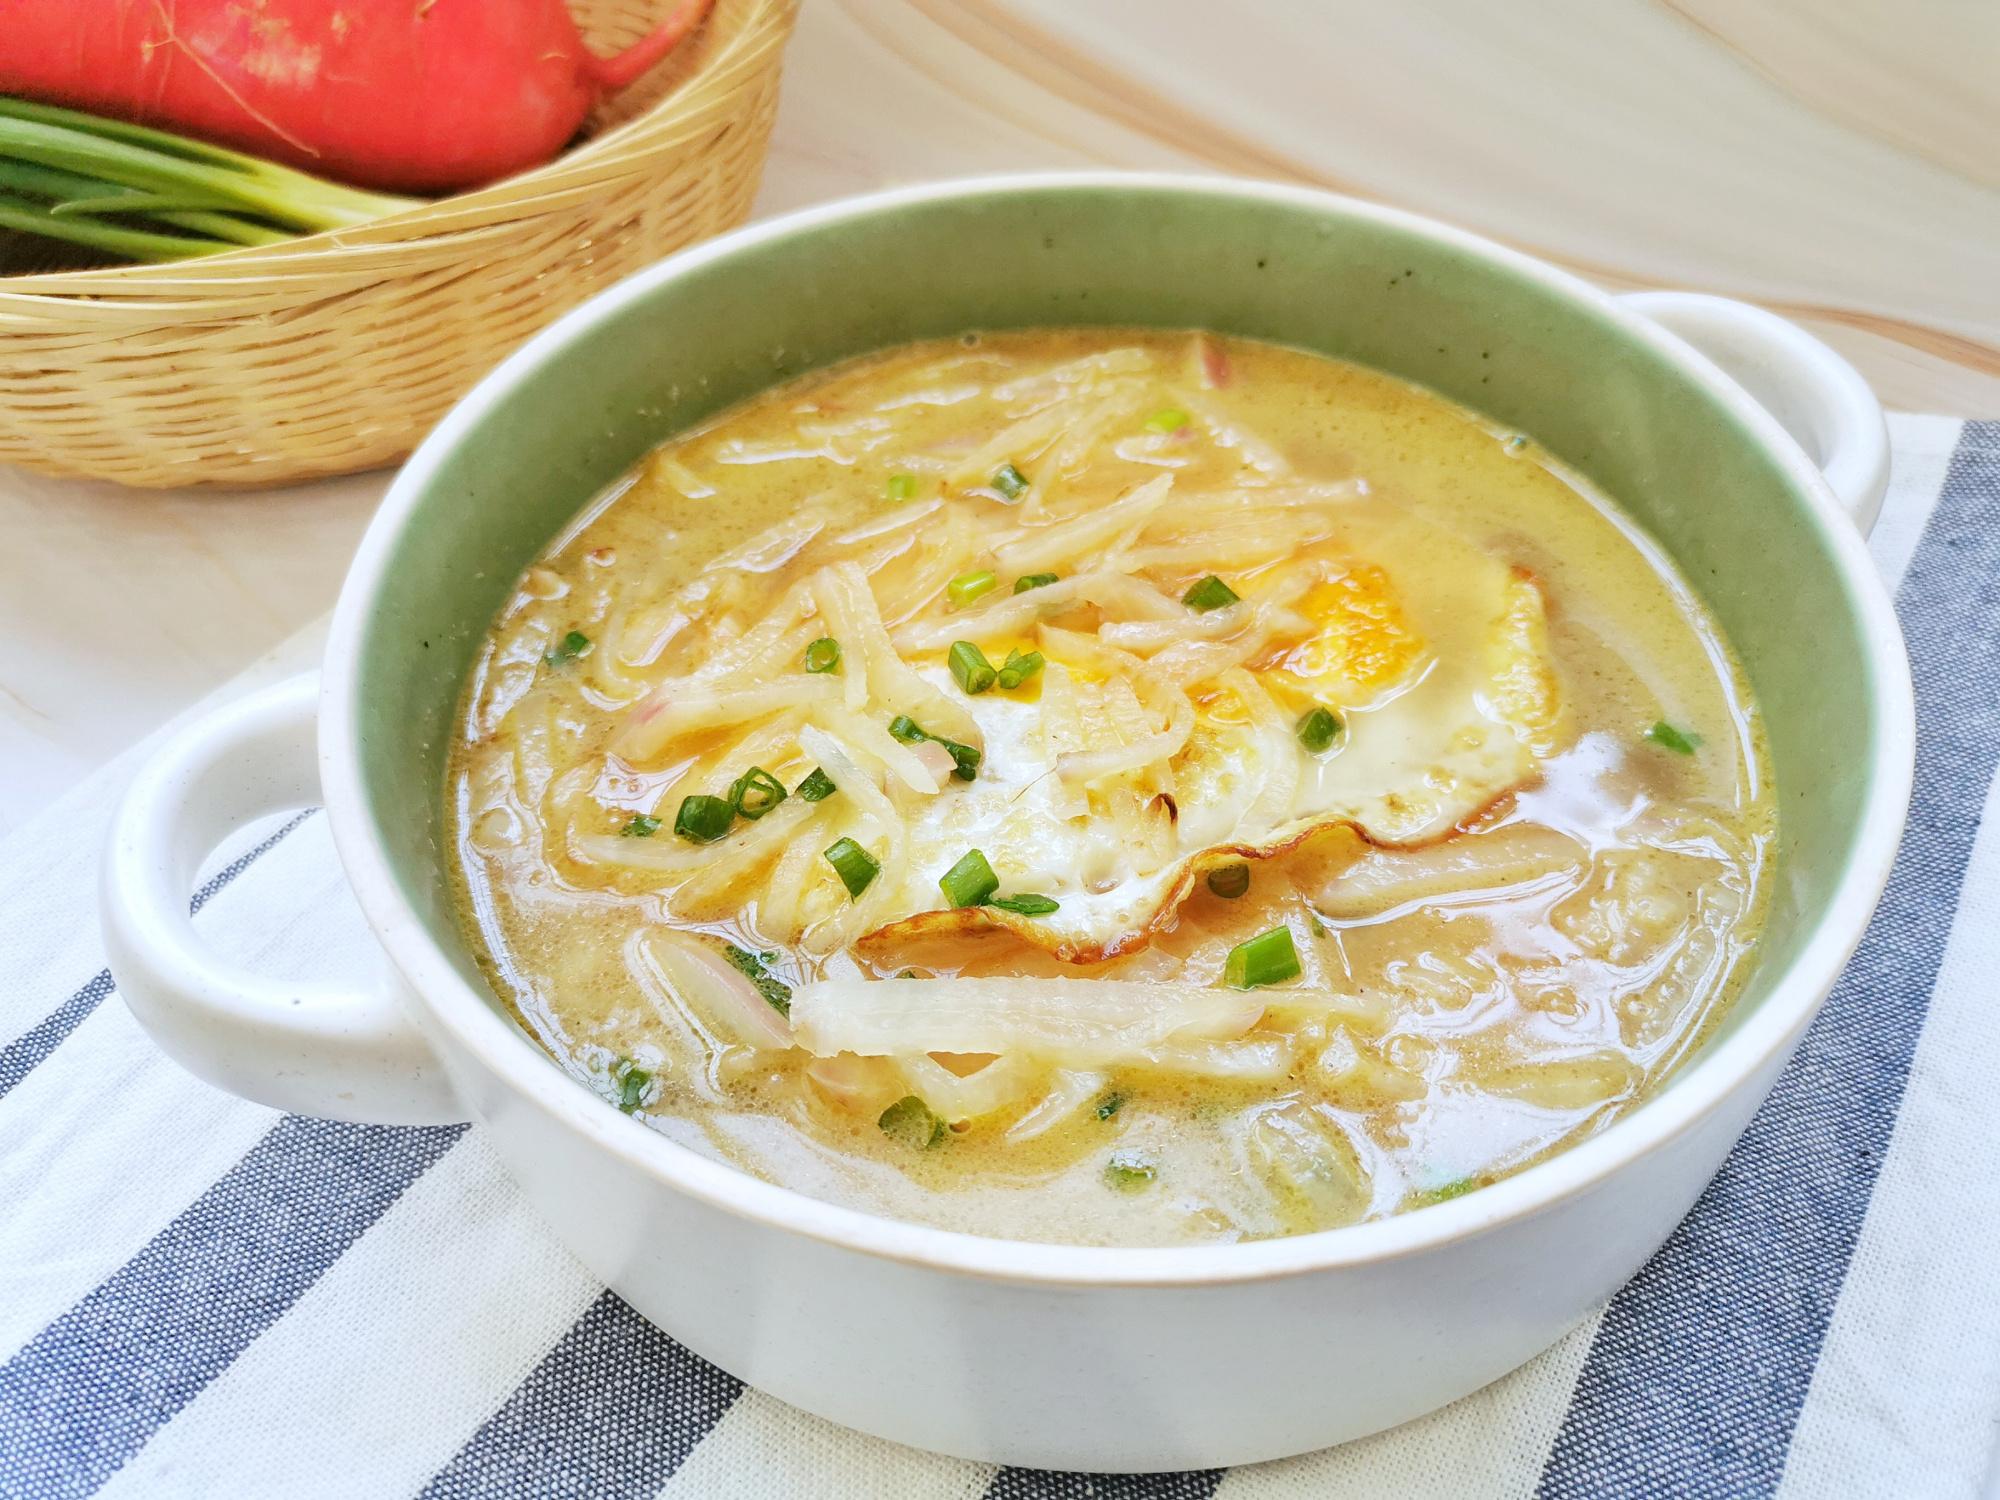 蘿蔔加2個雞蛋,煮出來的湯竟如此鮮美,天冷喝,暖身暖胃還低脂